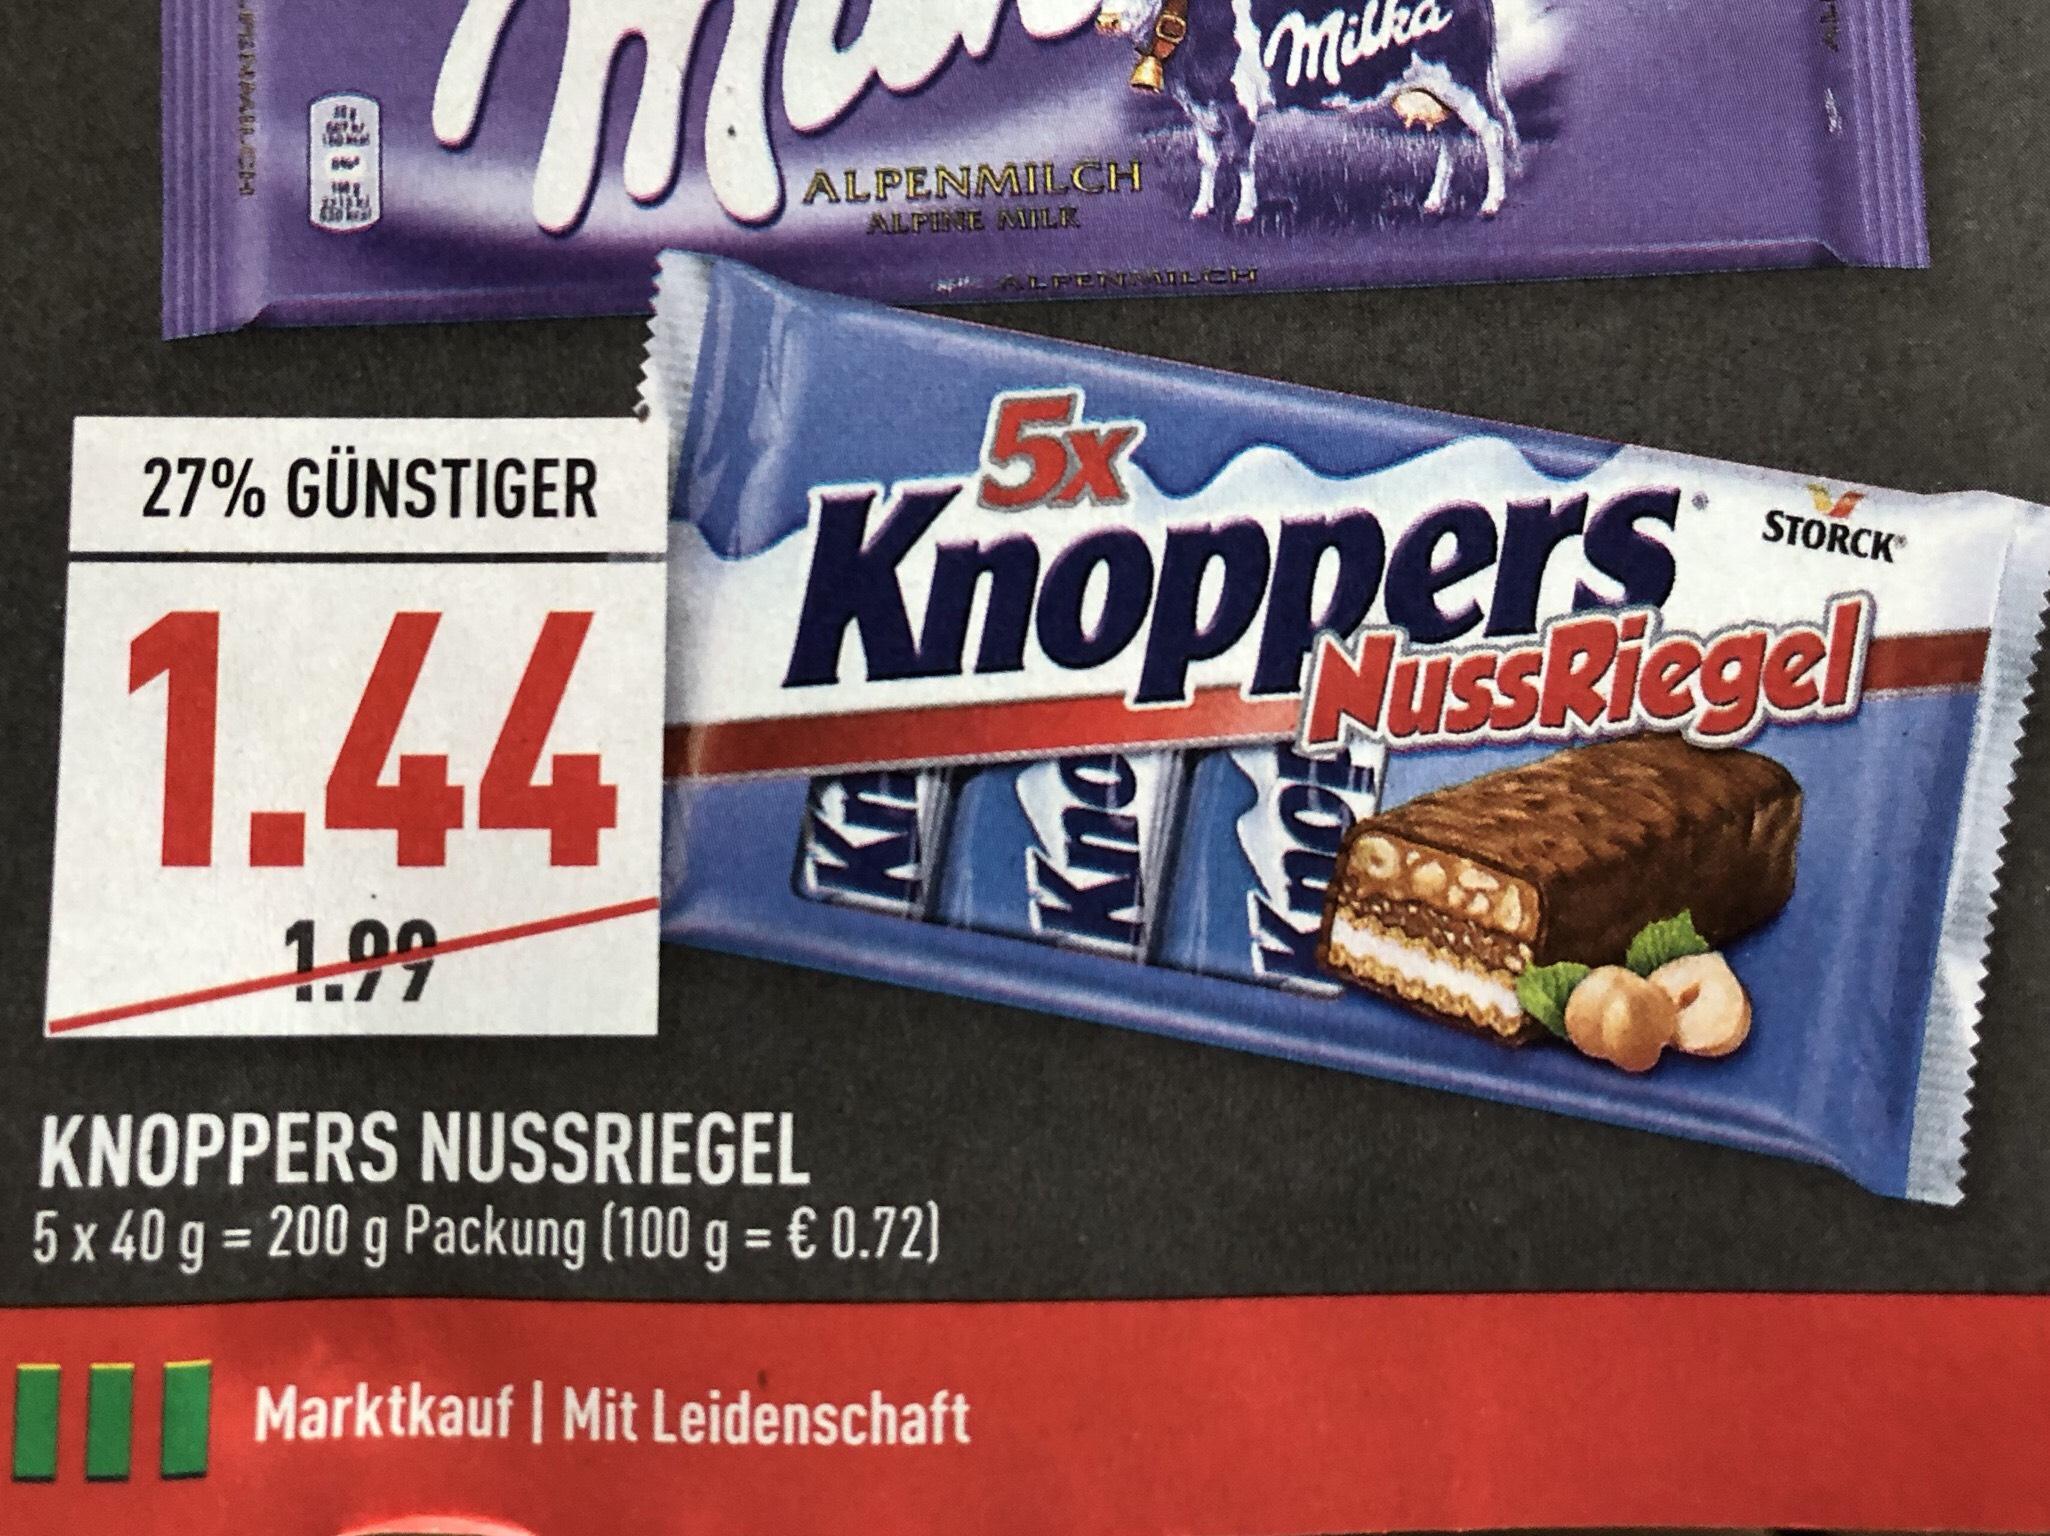 """Knoppers Nussriegel """"Lokal"""" Marktkauf/ Edeka Rhein-Ruhr"""